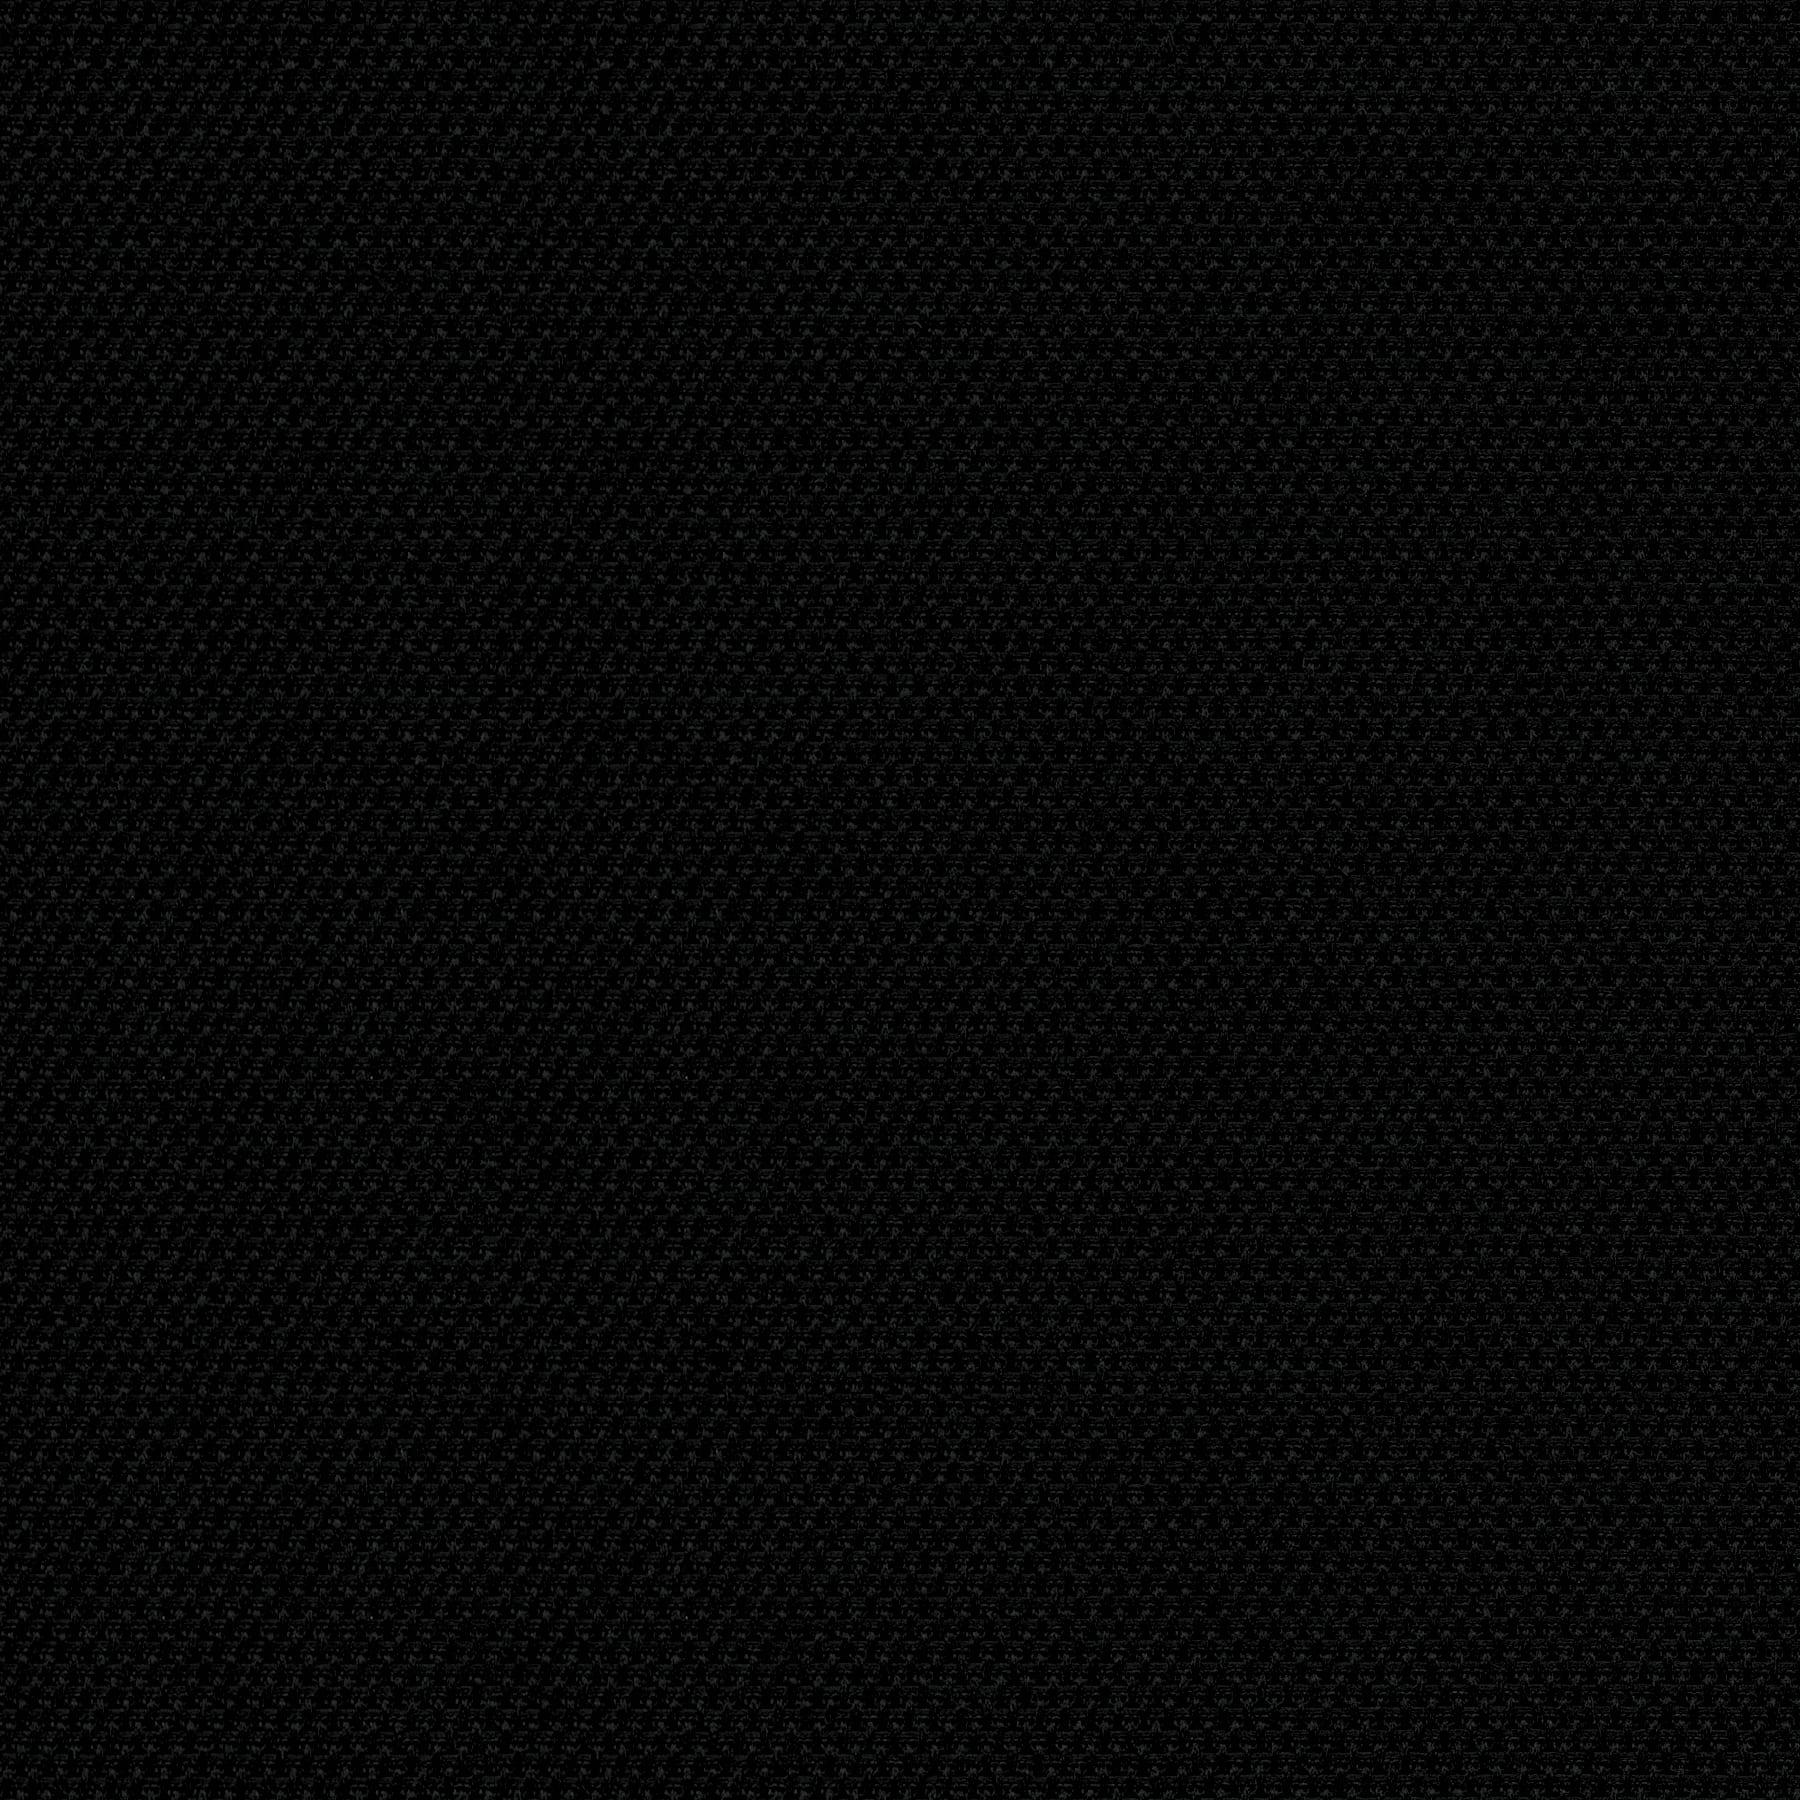 Black-PWST10